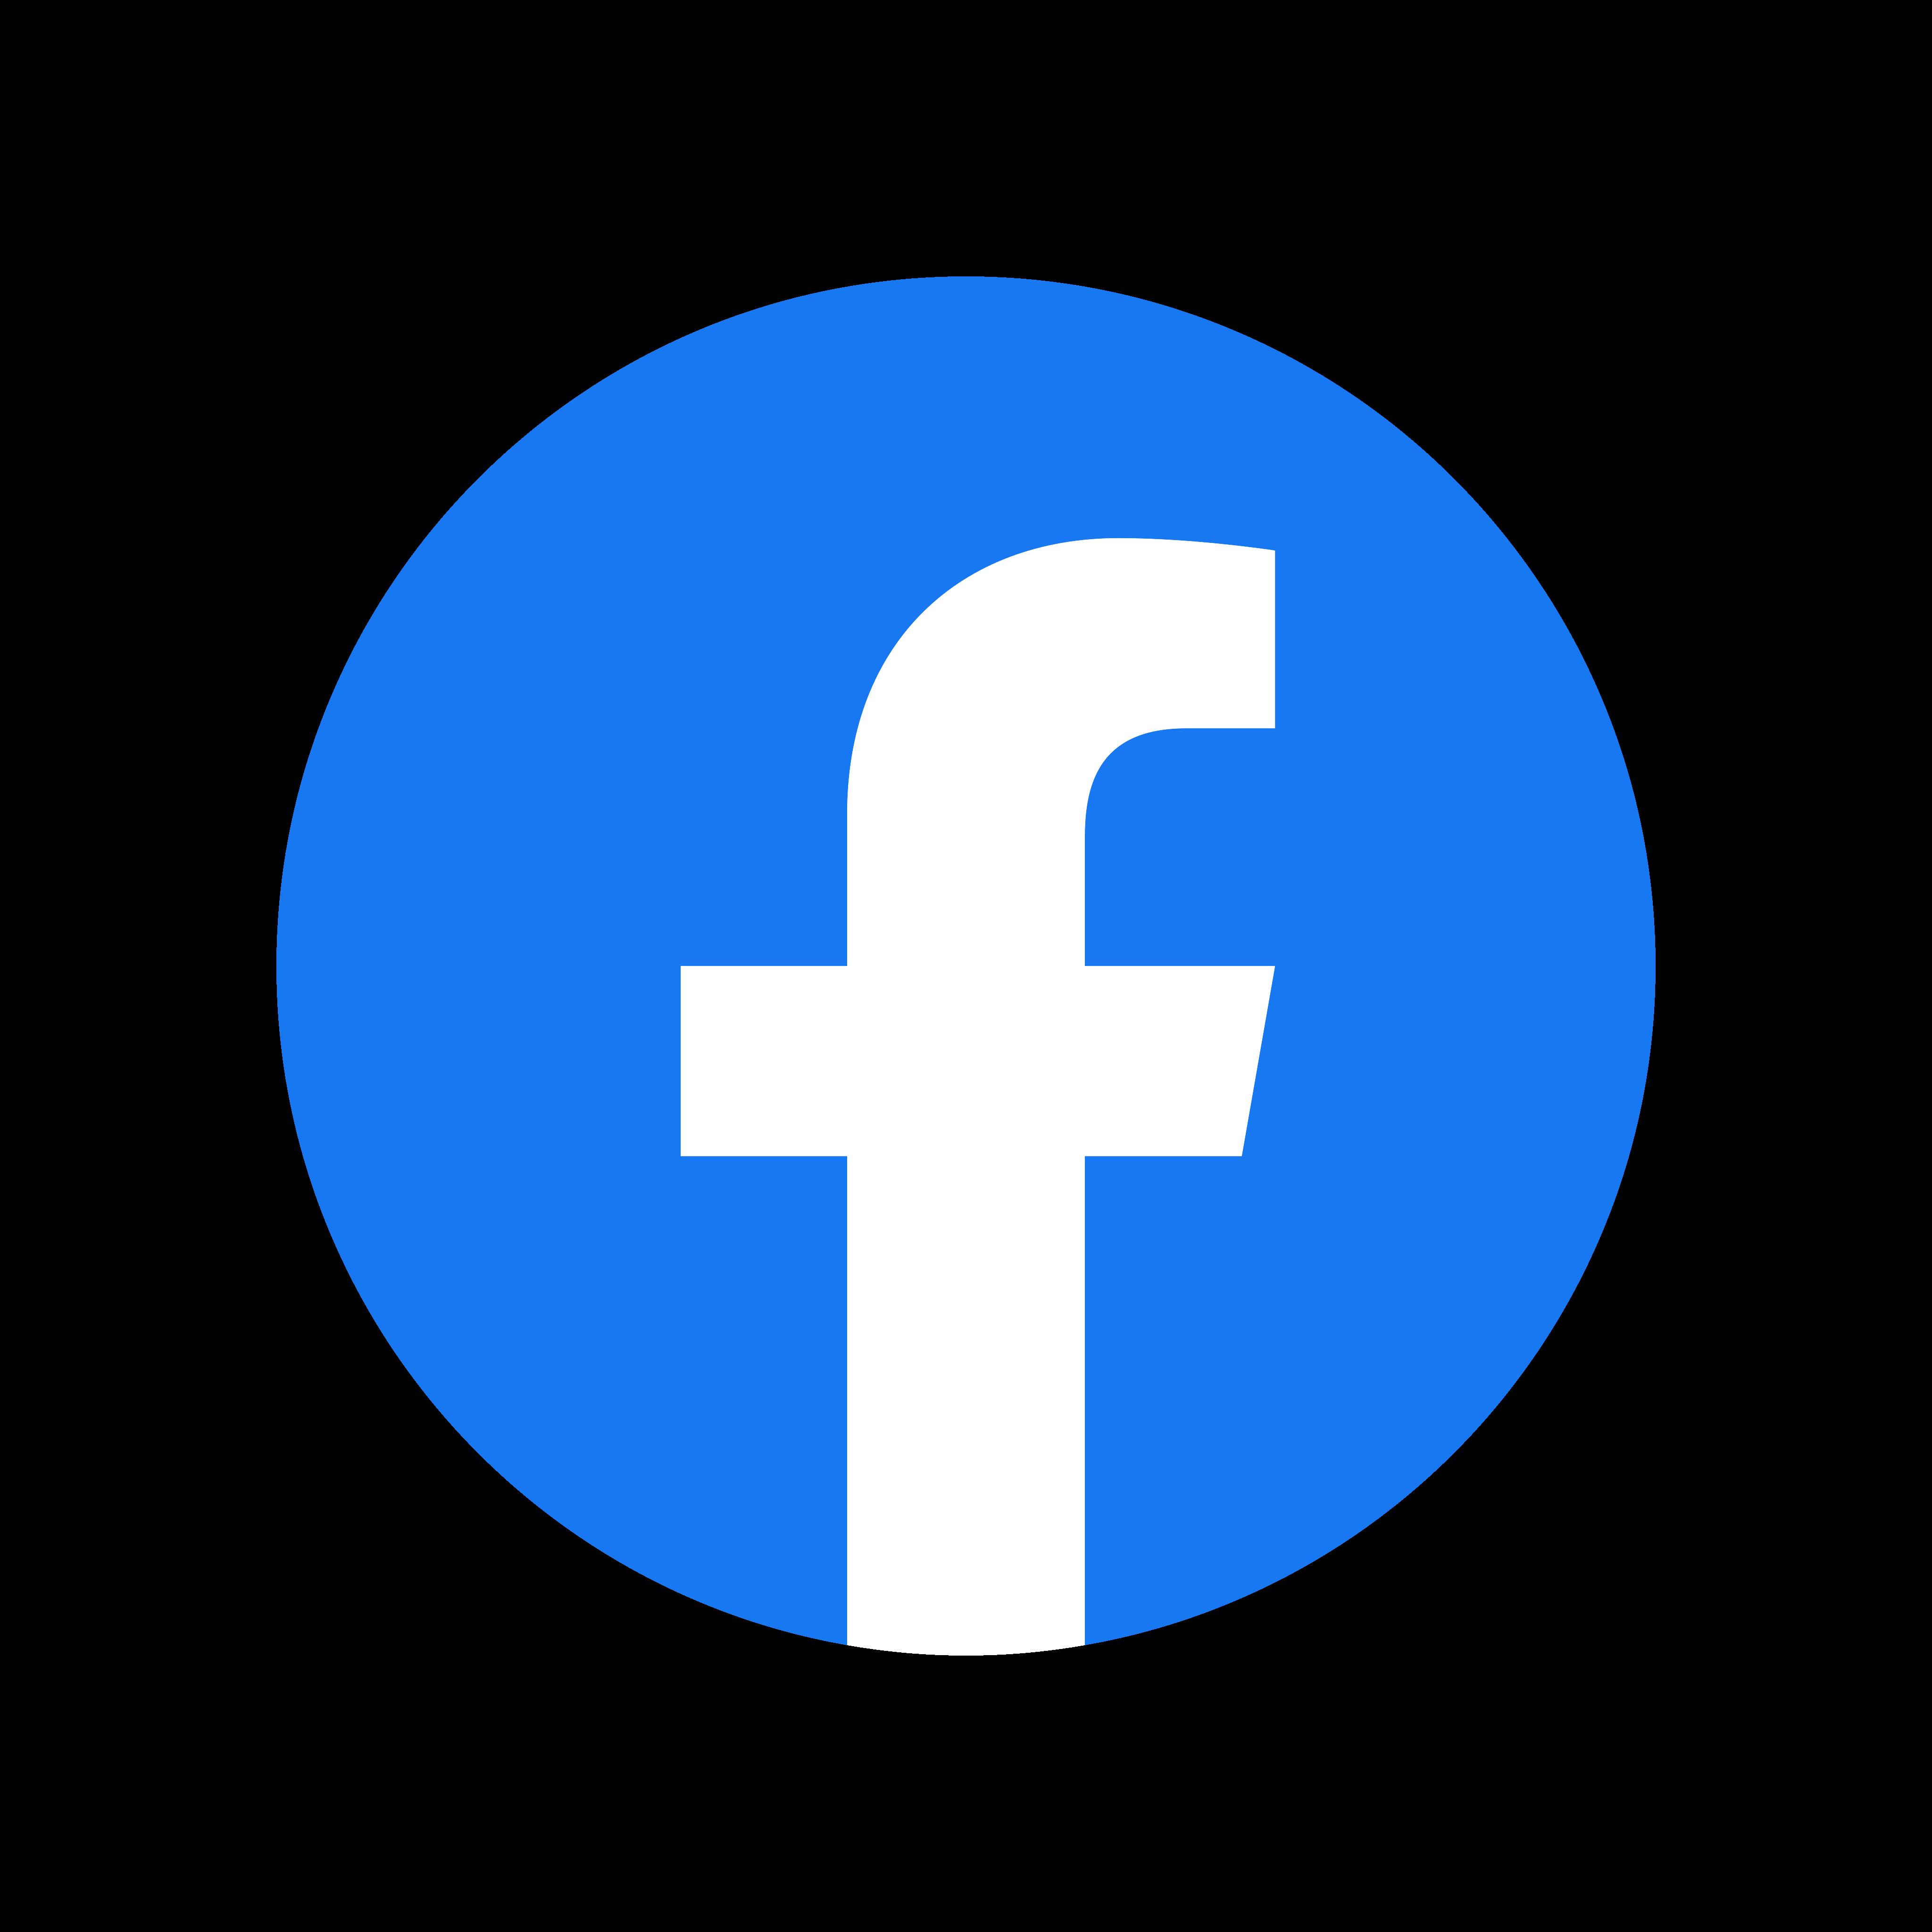 facebook logo 0 - Facebook Logo